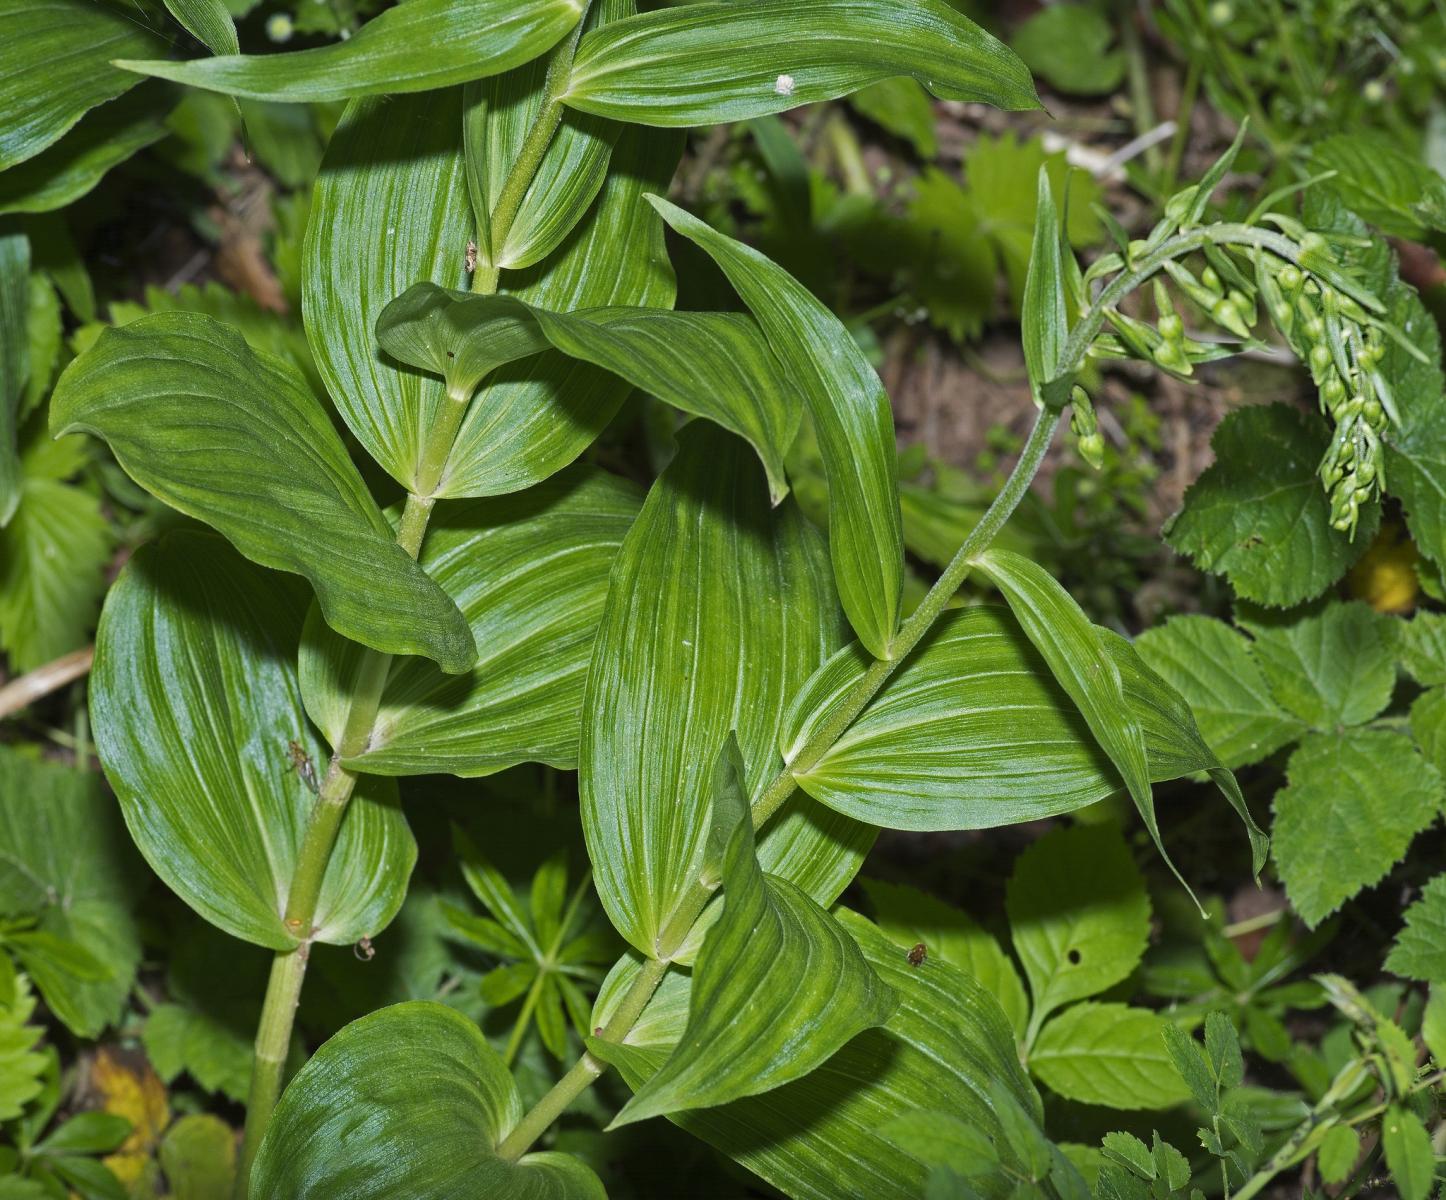 Epipactis à larges feuilles - Credit : AJC1 - Flickr